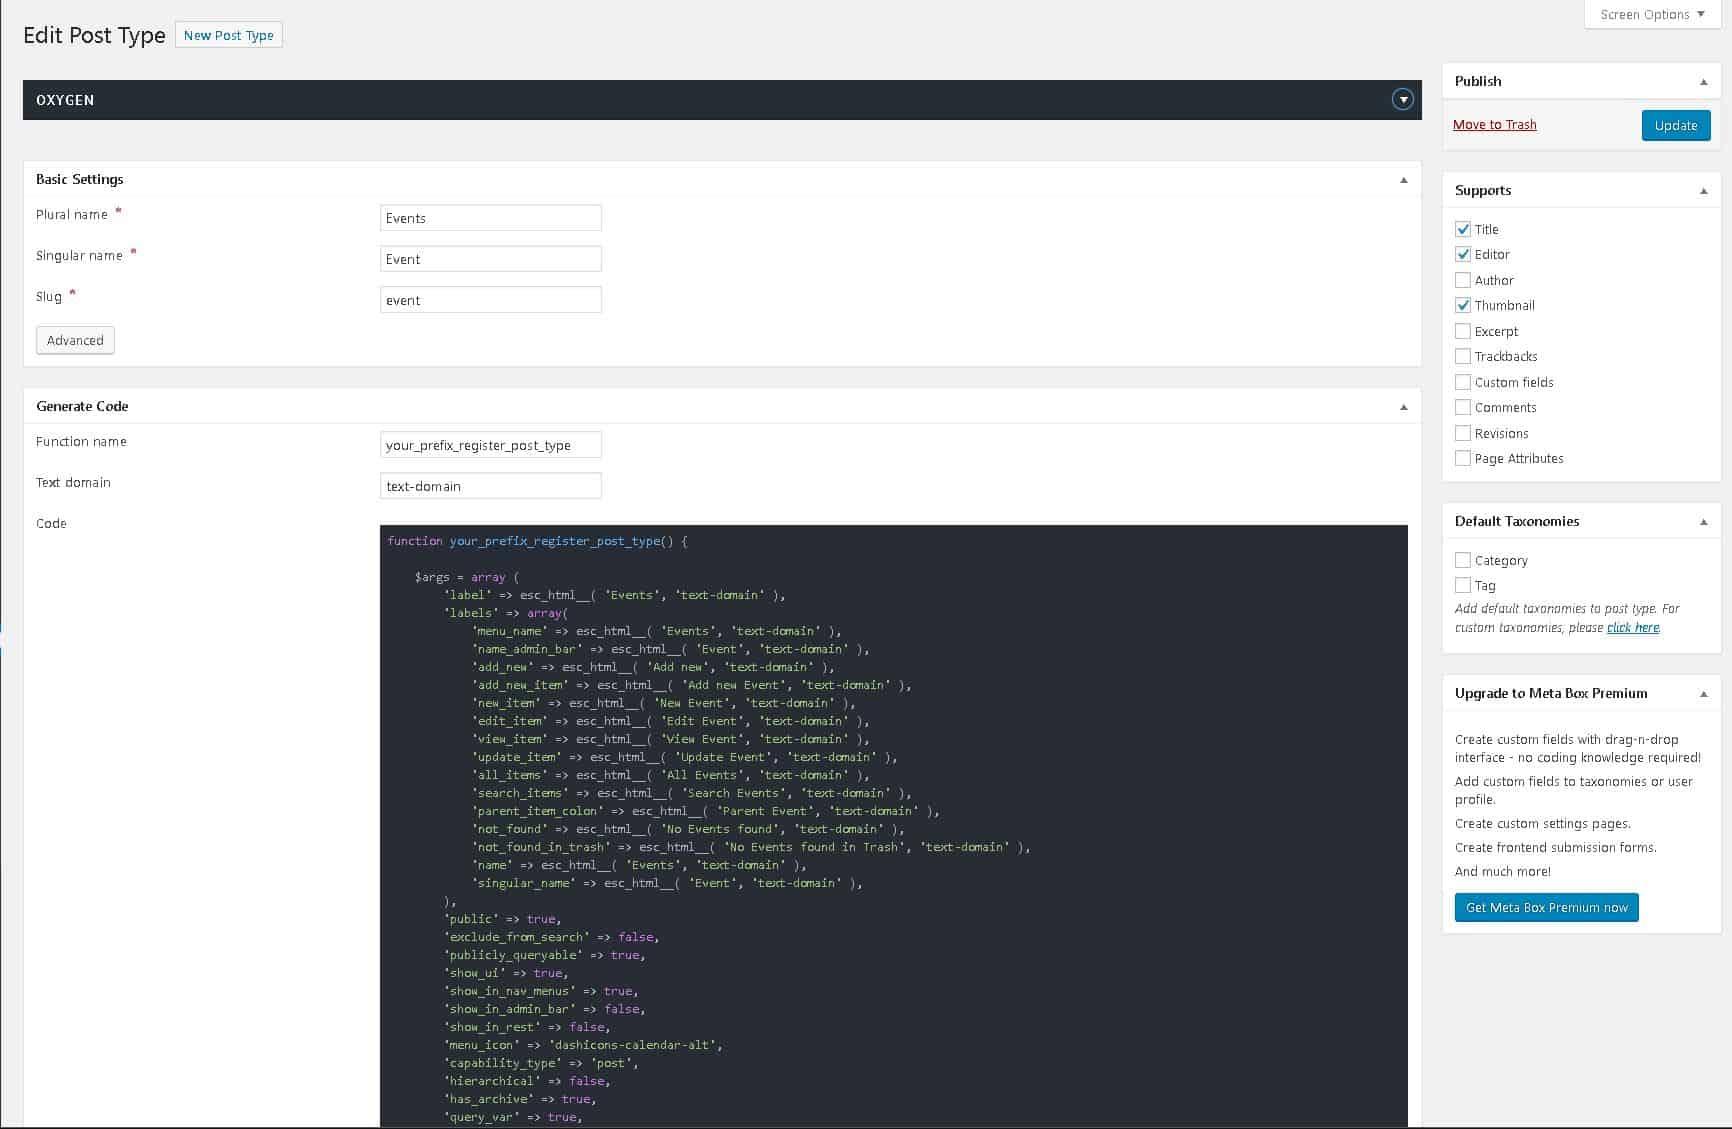 Event Archive Custom Post Type Using Metabox/Oxygen - Koehn Design